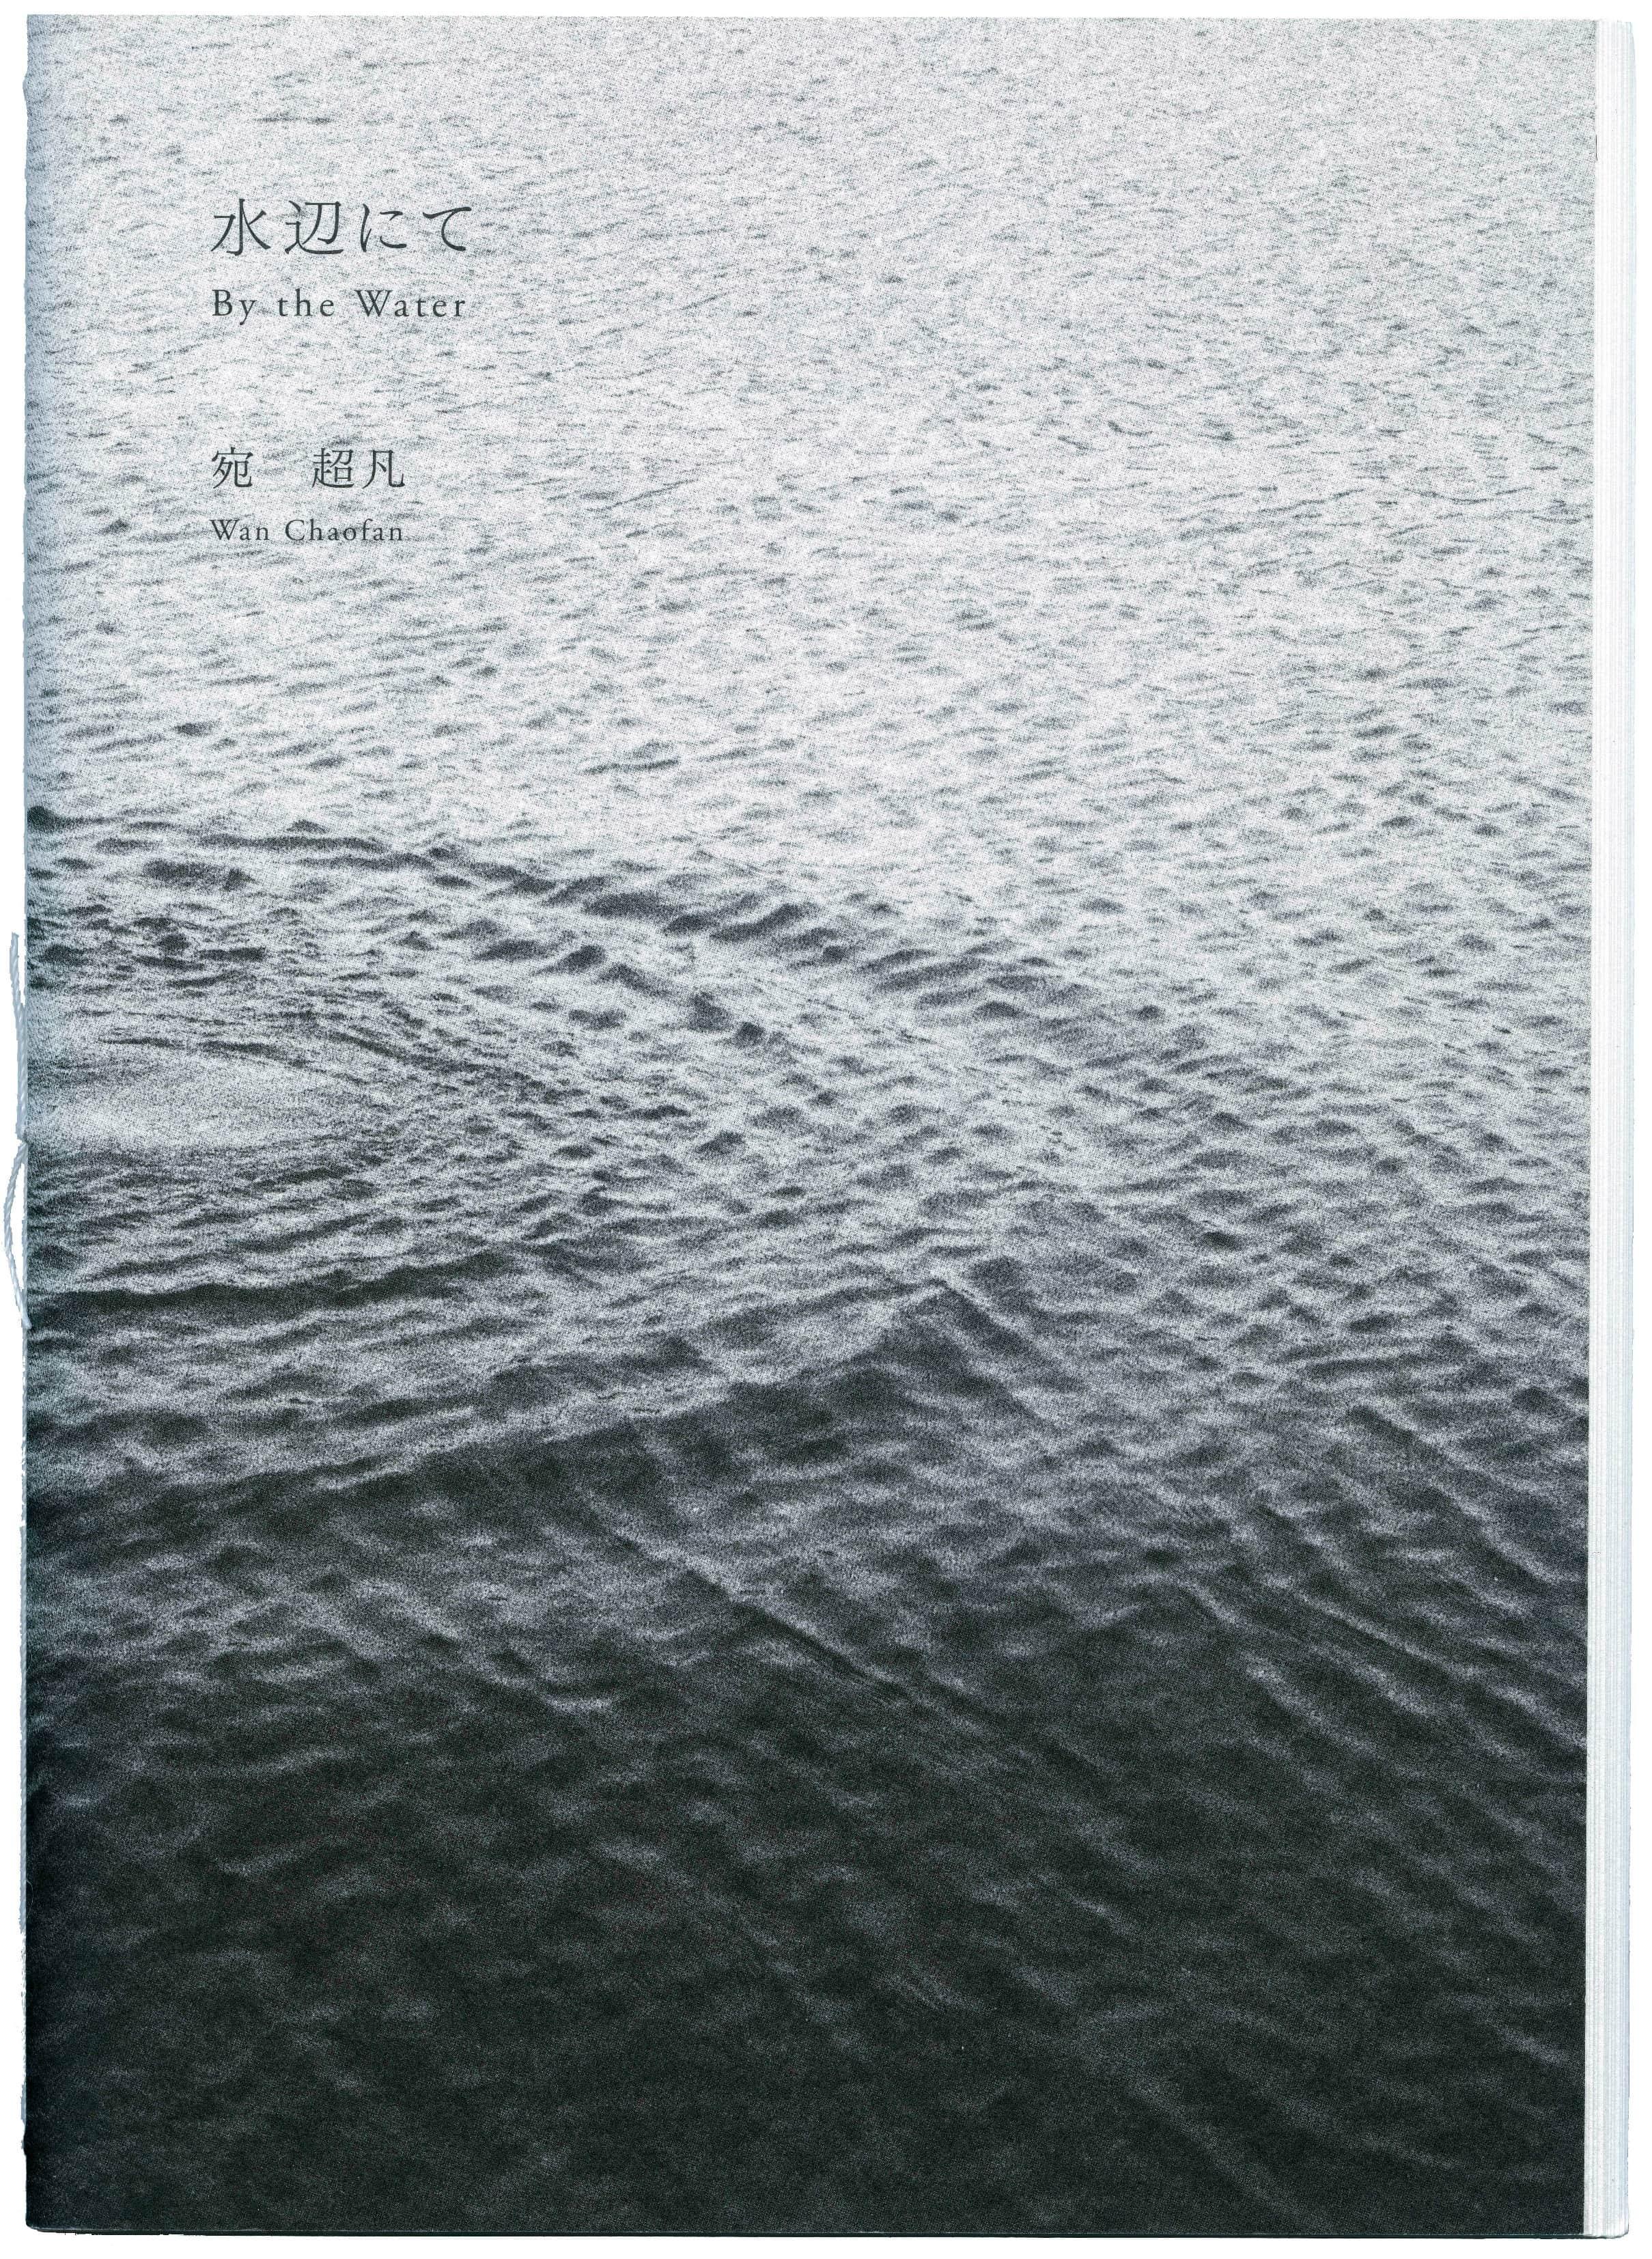 水辺にてHP用-min-2